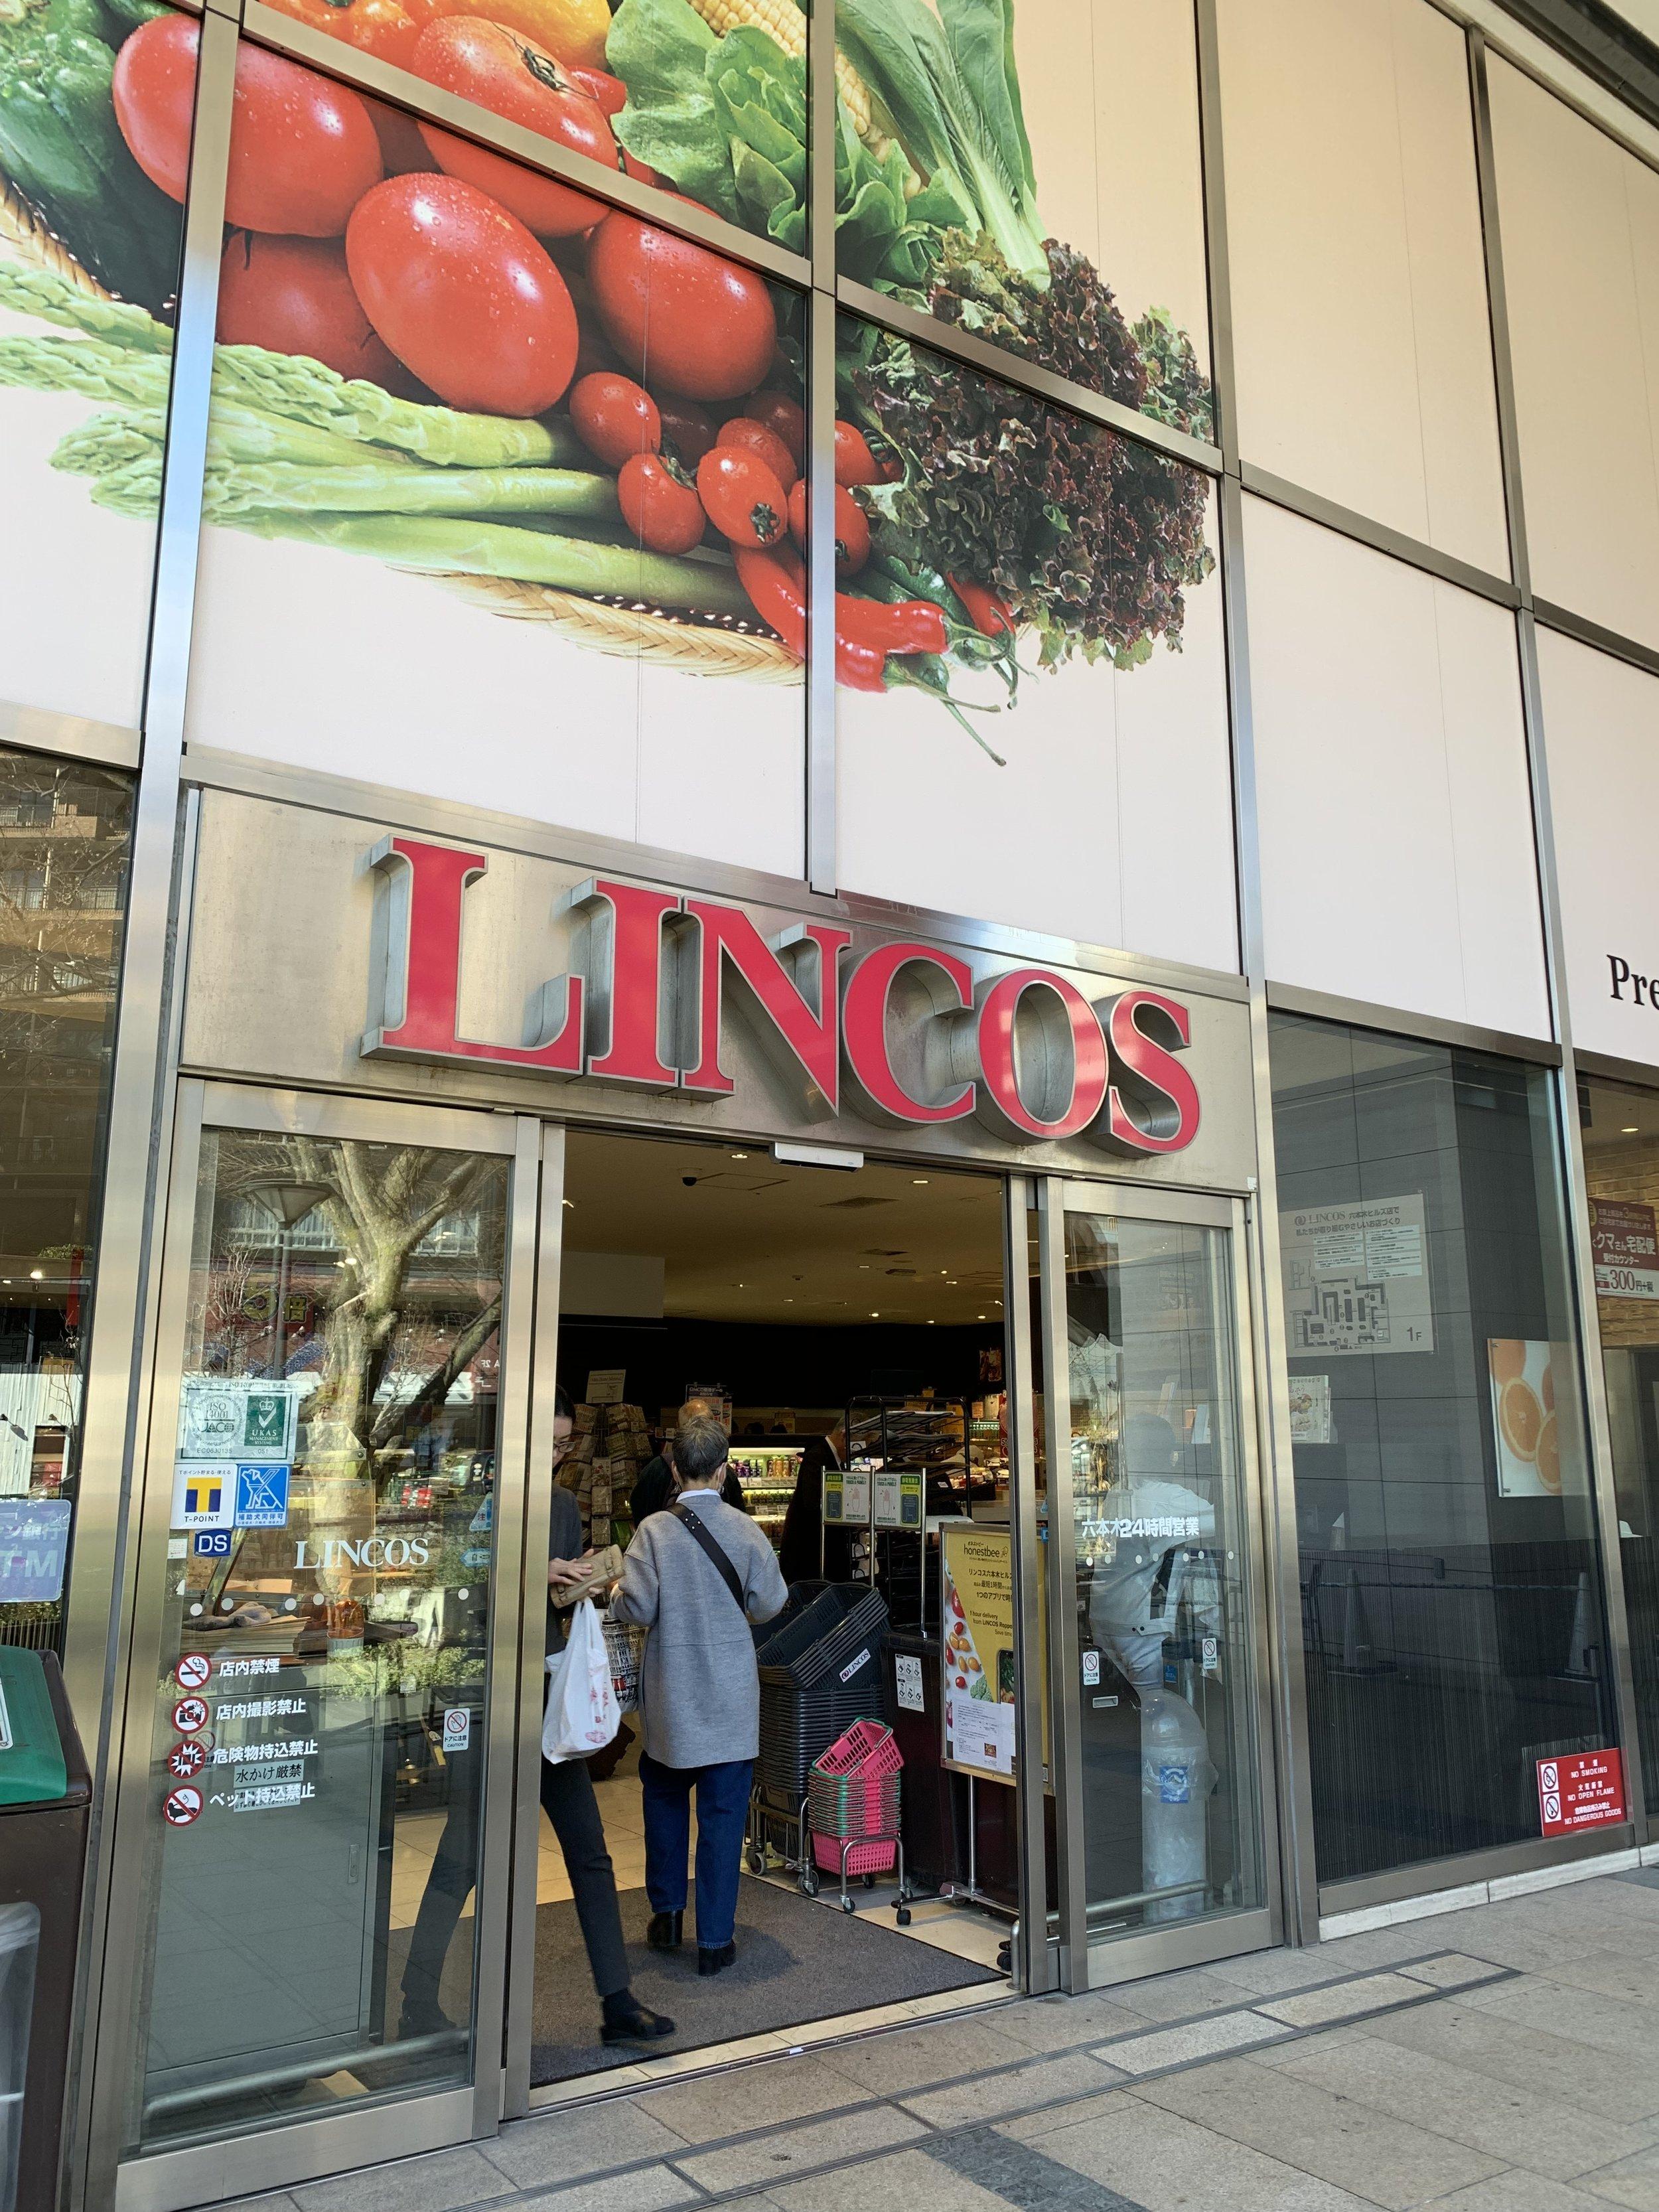 lincos japan supermarket